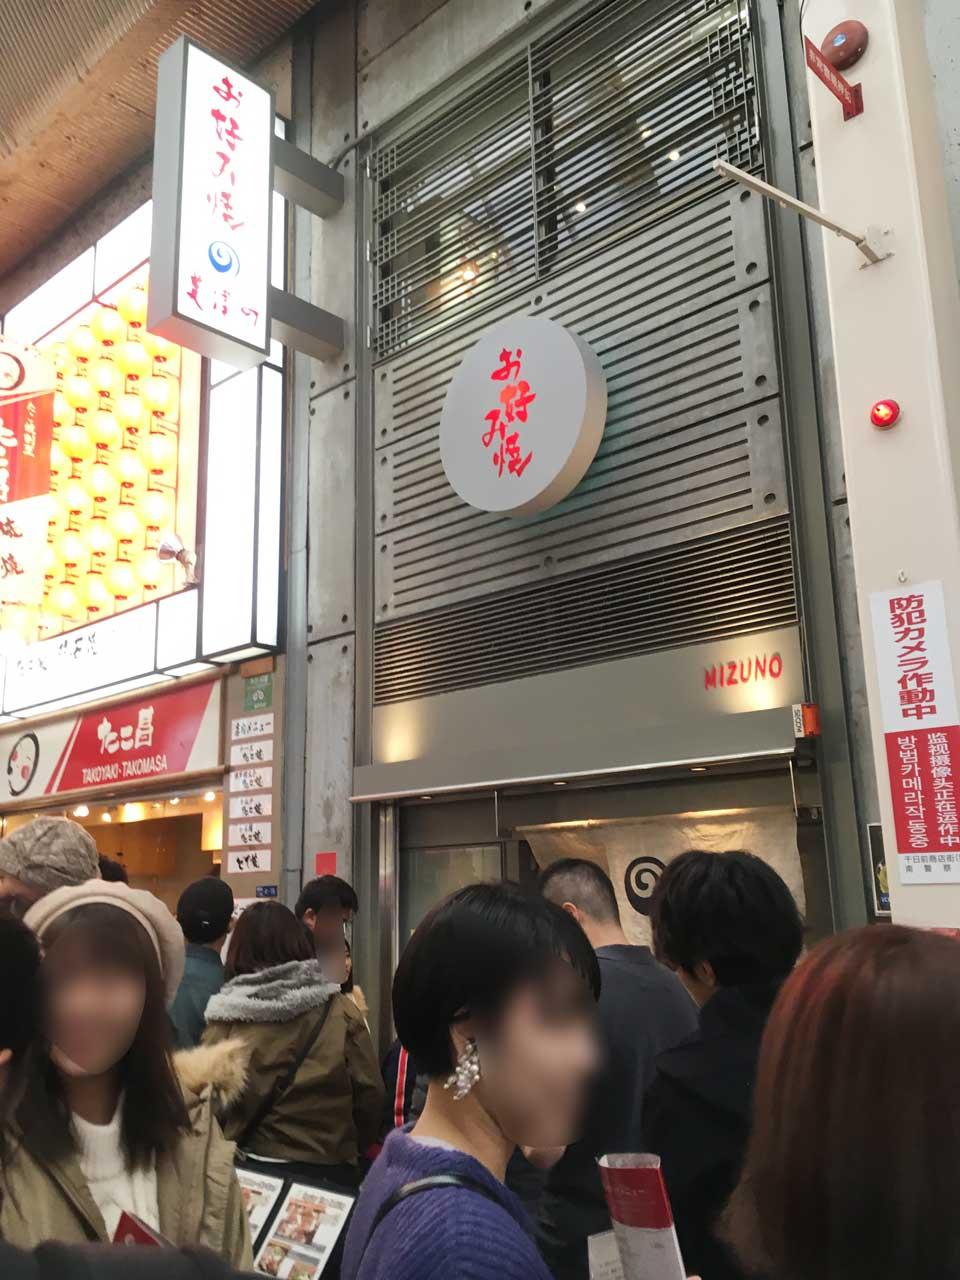 大阪観光&旅行で絶対に外せないグルメをまとめた!定番スポットなので要注意! osaka_gourmet_img_9692